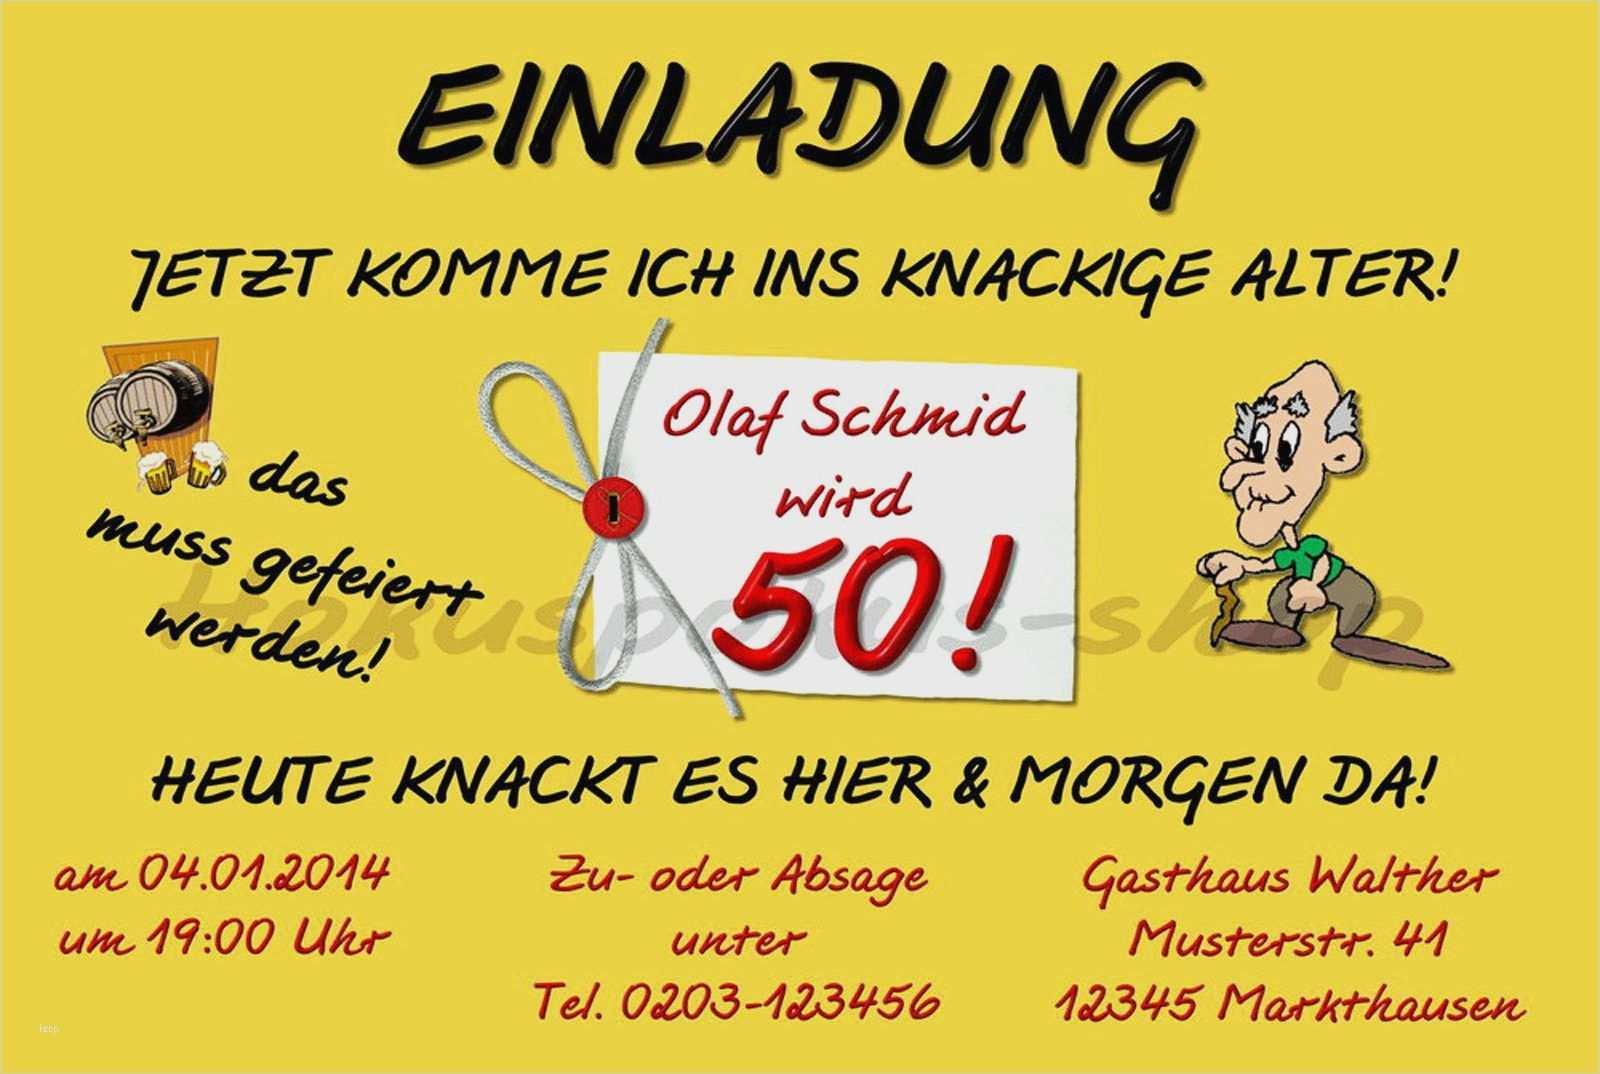 Einladungskarten Einladung Zum Geburtstag Schreiben Einladung Insparadies Einladung Einladung 50 Geburtstag Einladungskarten Zum 50 Einladung Geburtstag